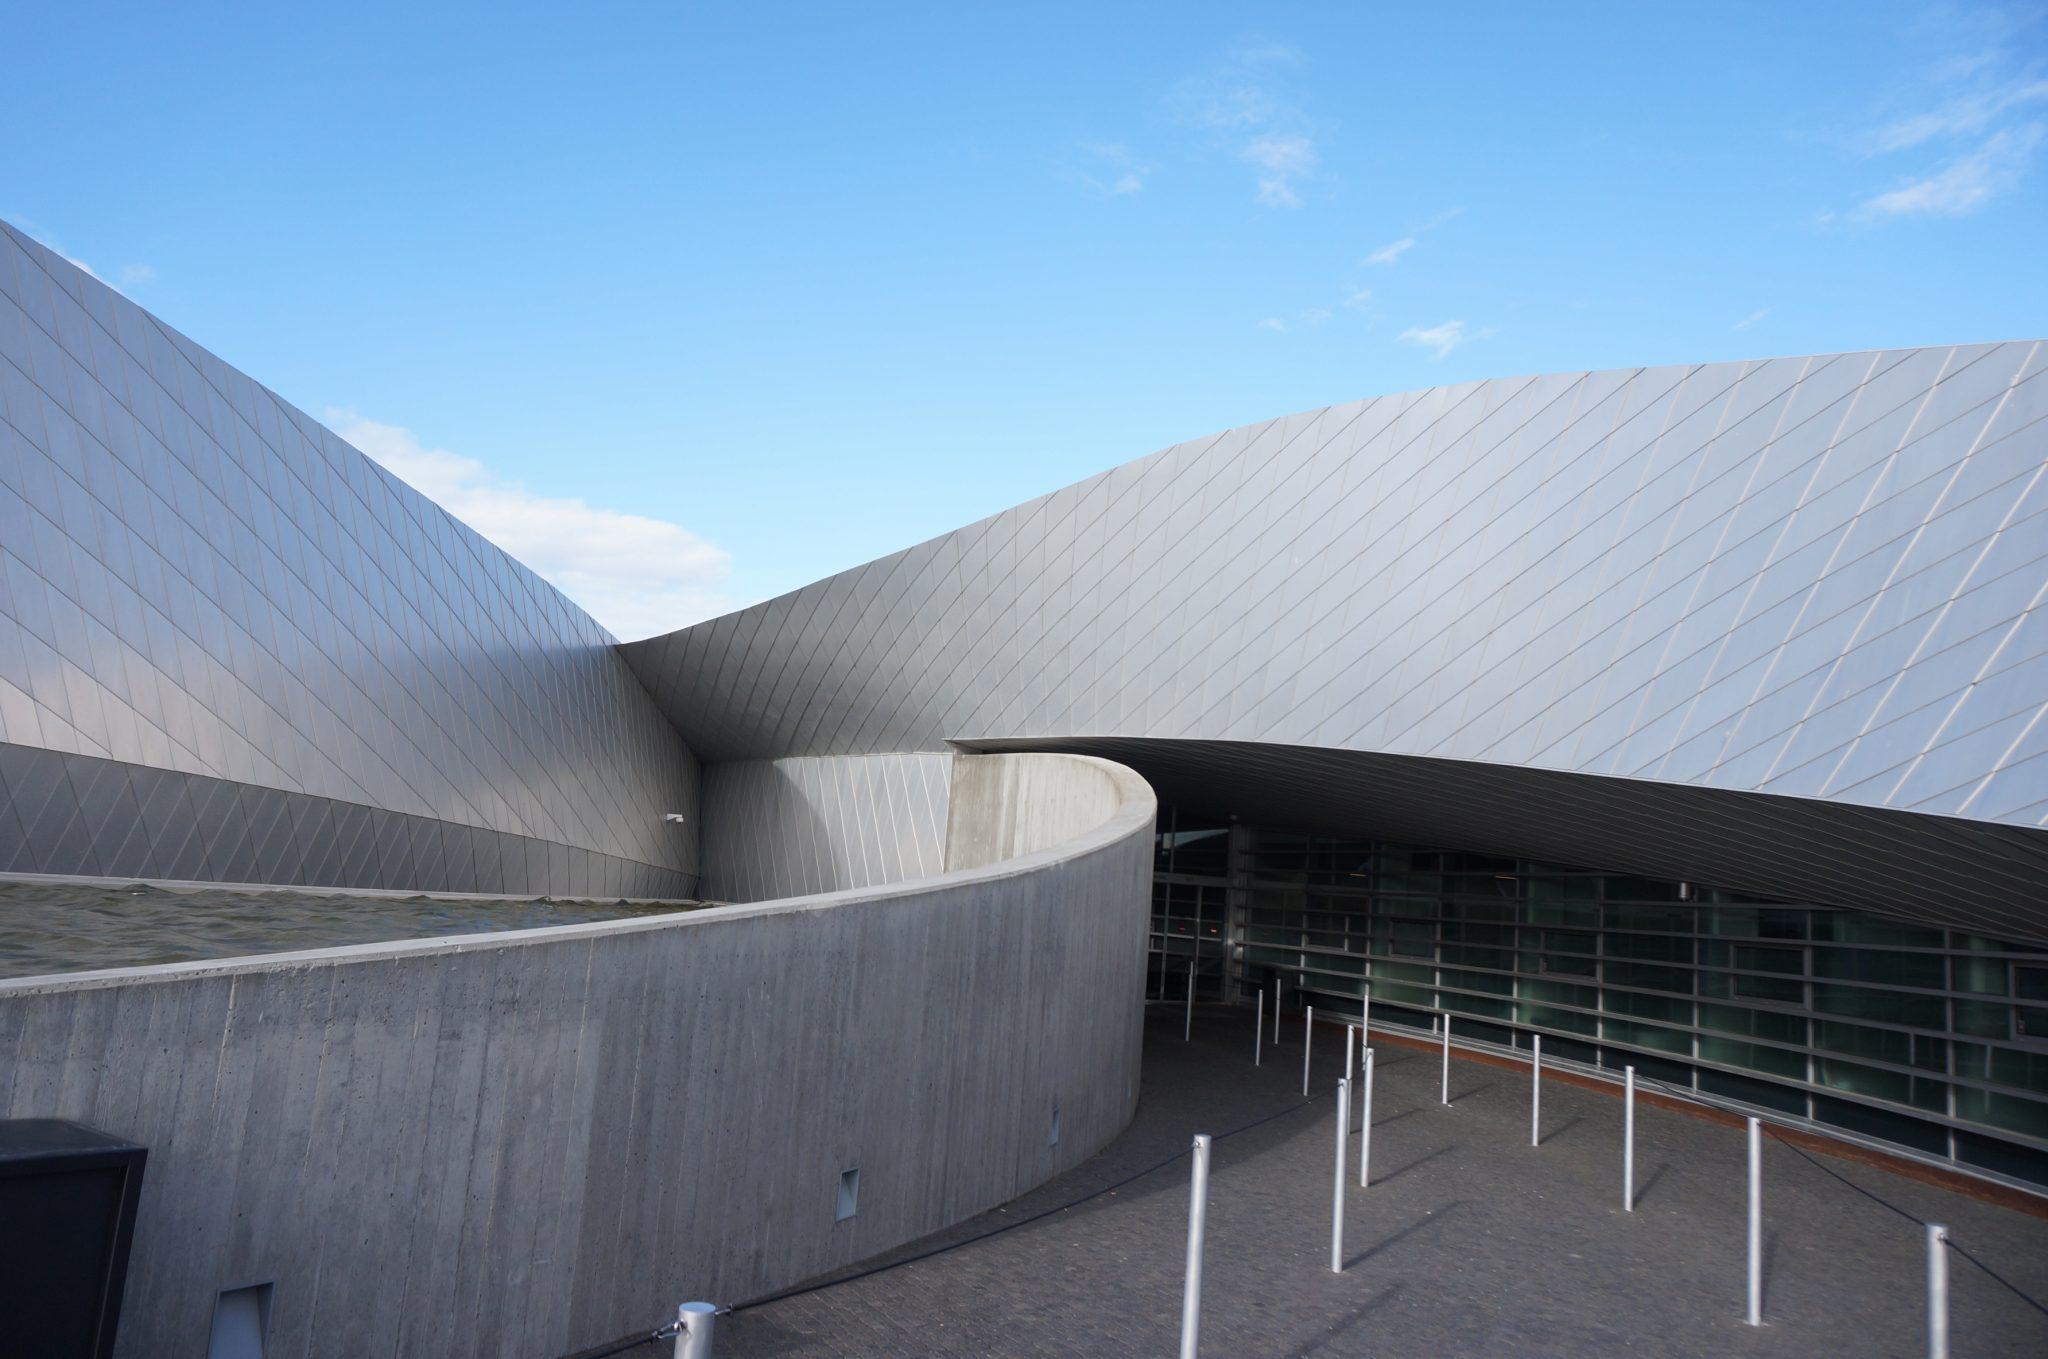 DSC04835 - Kopenhaga - Architour